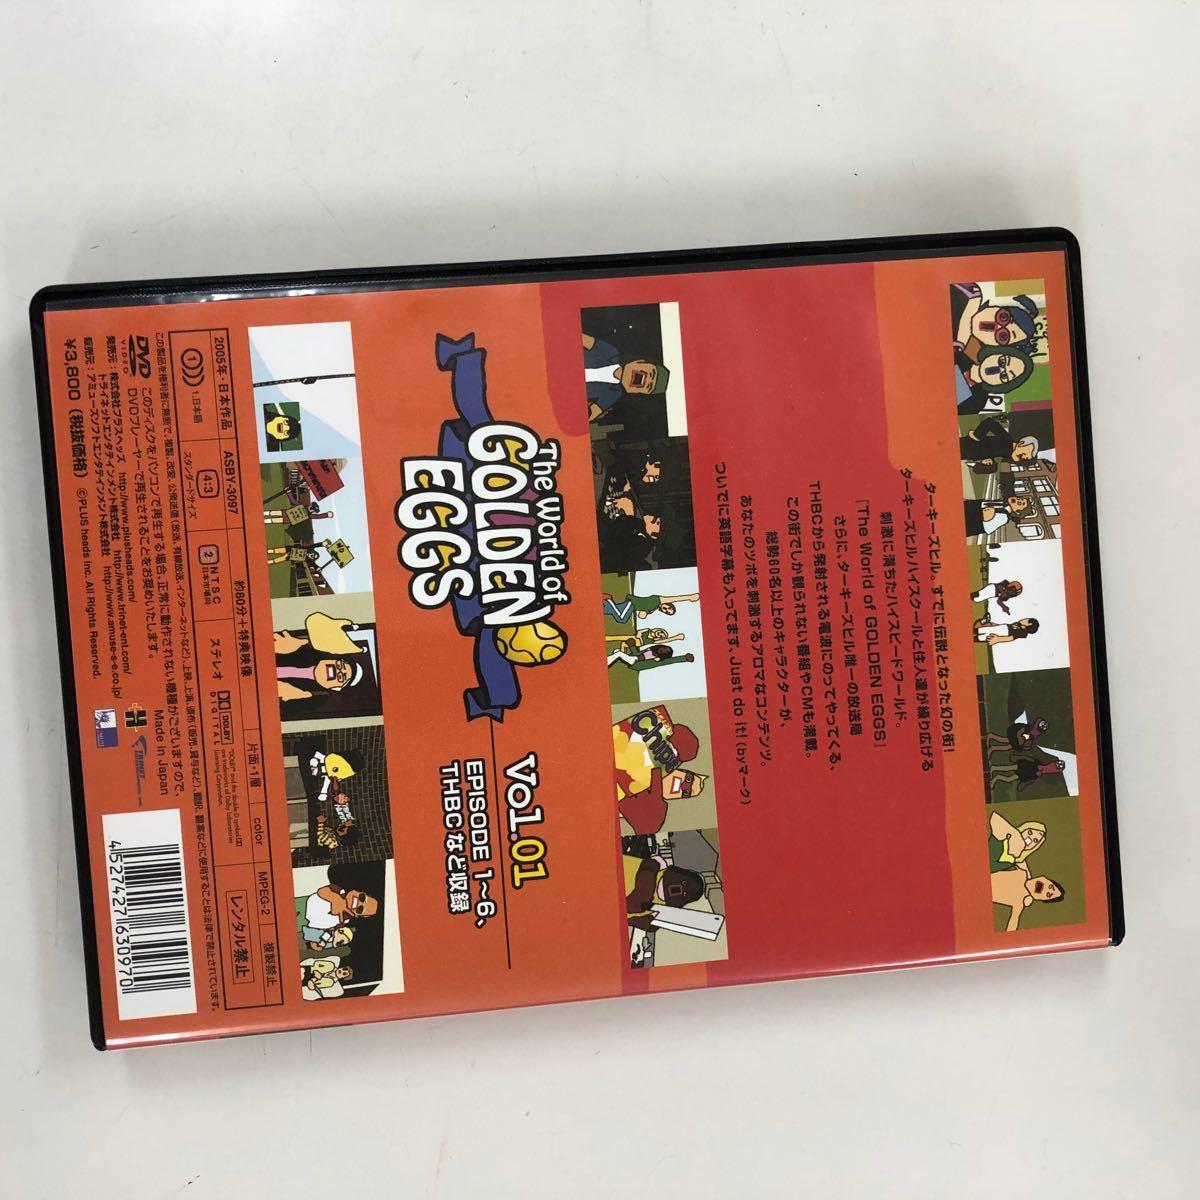 DVD ゴールデンエッグス